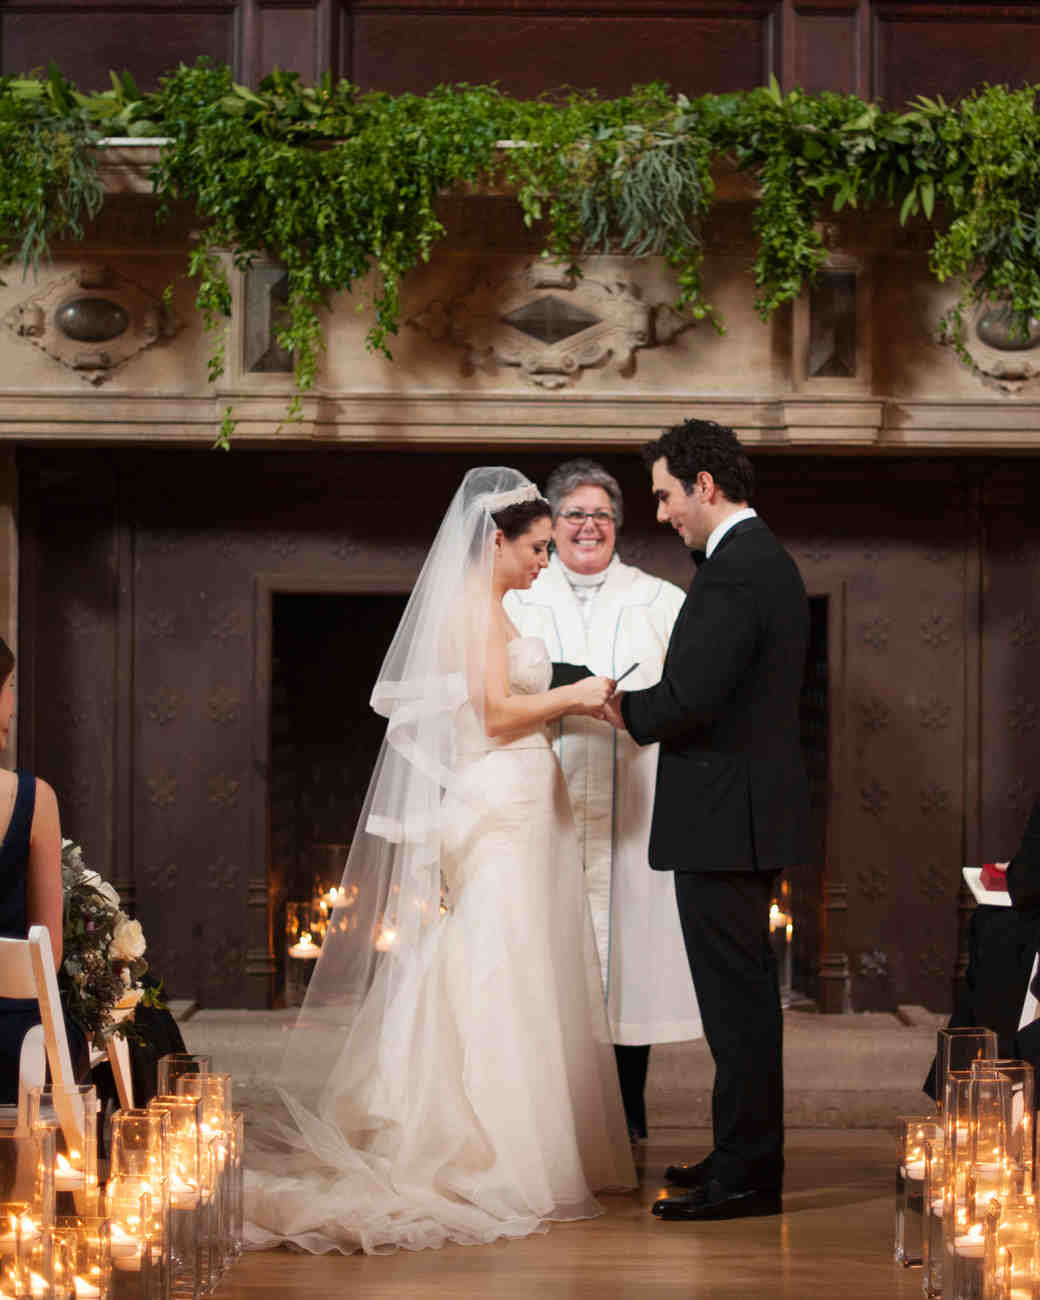 emily-tolga-wedding-ceremony4-0314.jpg